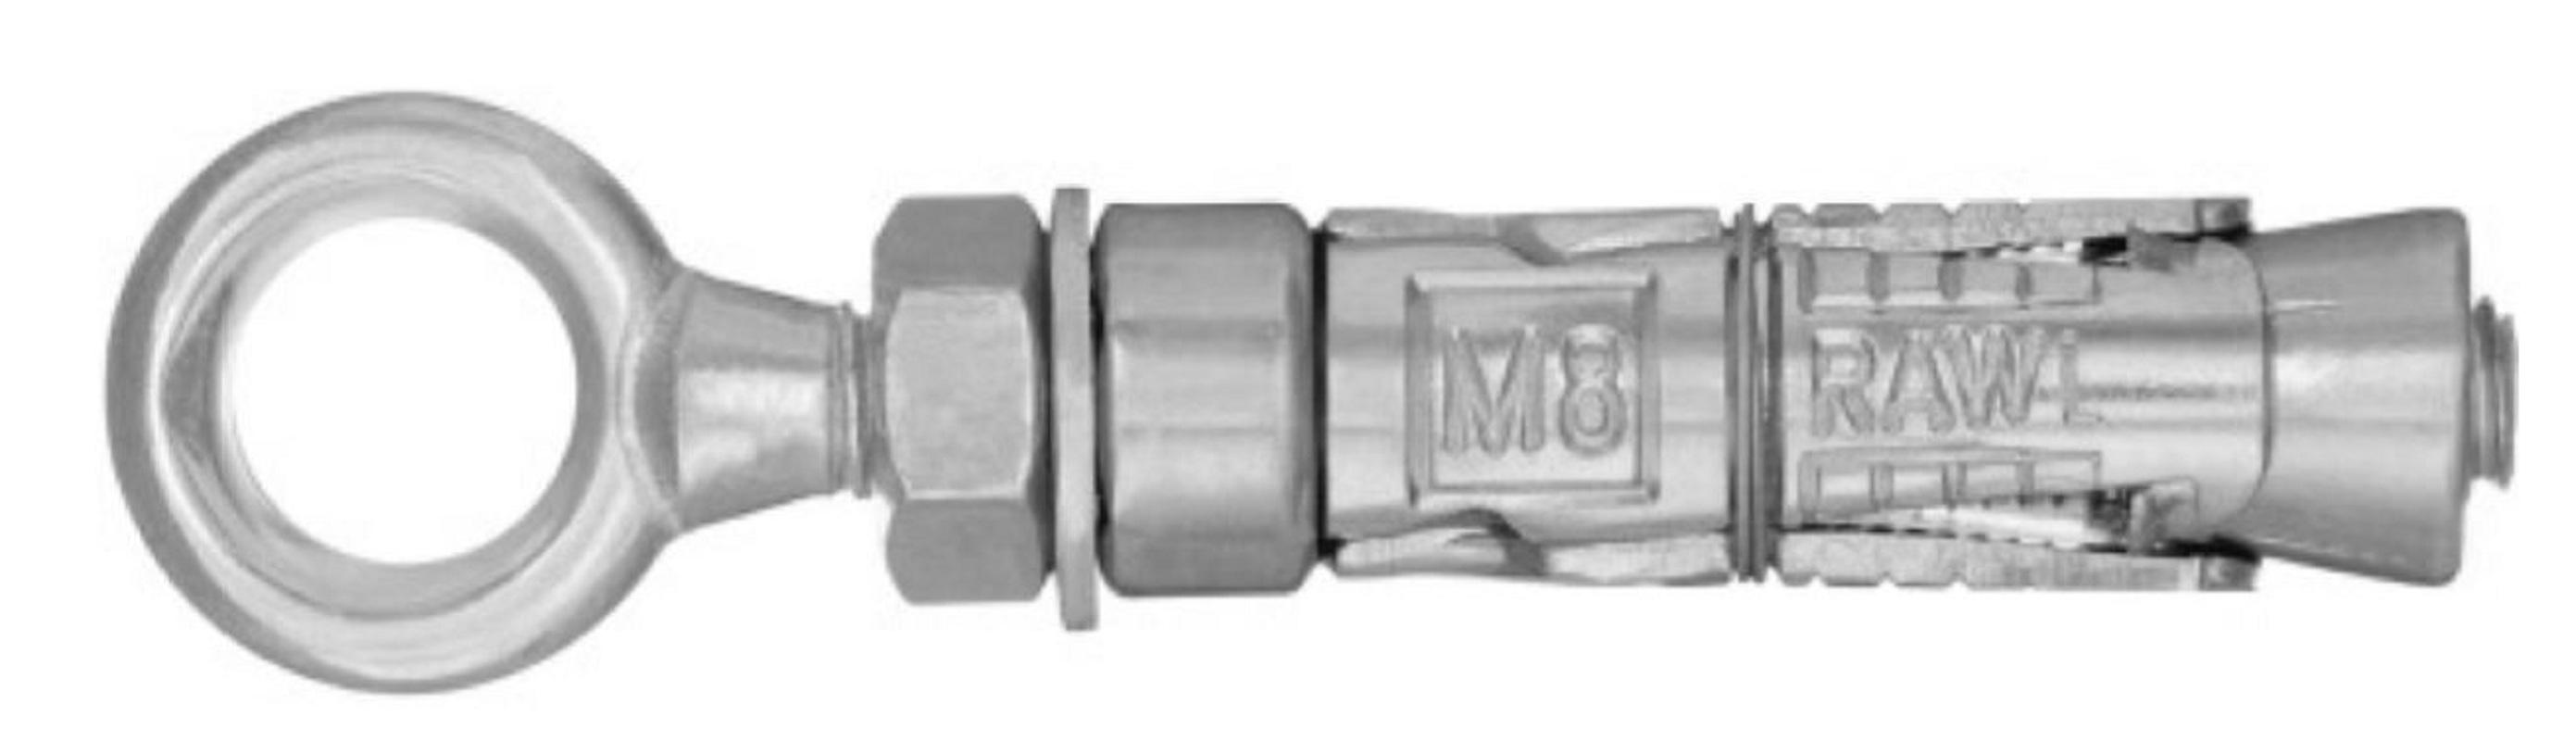 Rawl Trade Rawlbolt M8 Forged Eye (2pcs)